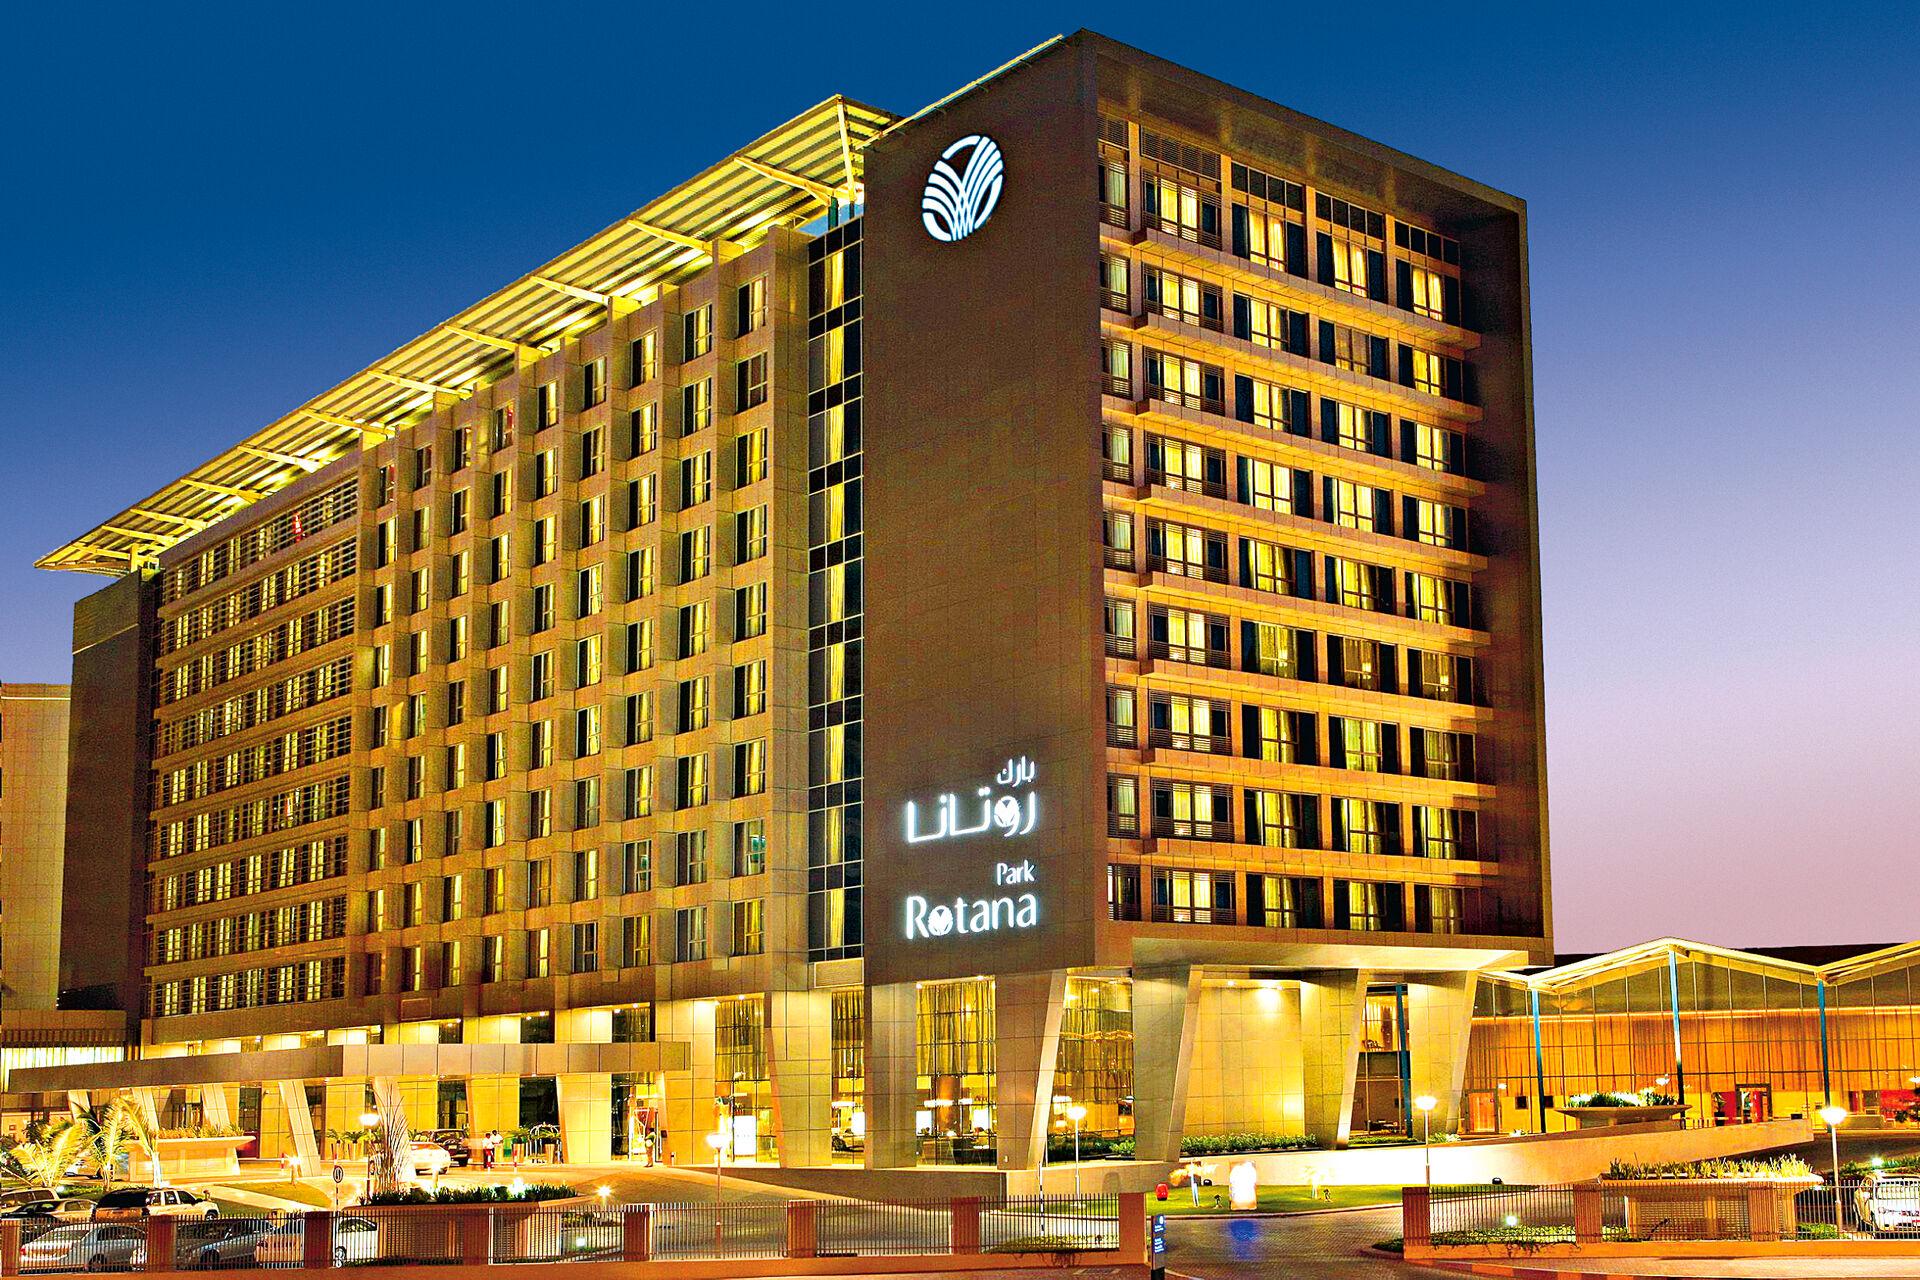 Hôtel park rotana abu dhabi 5*